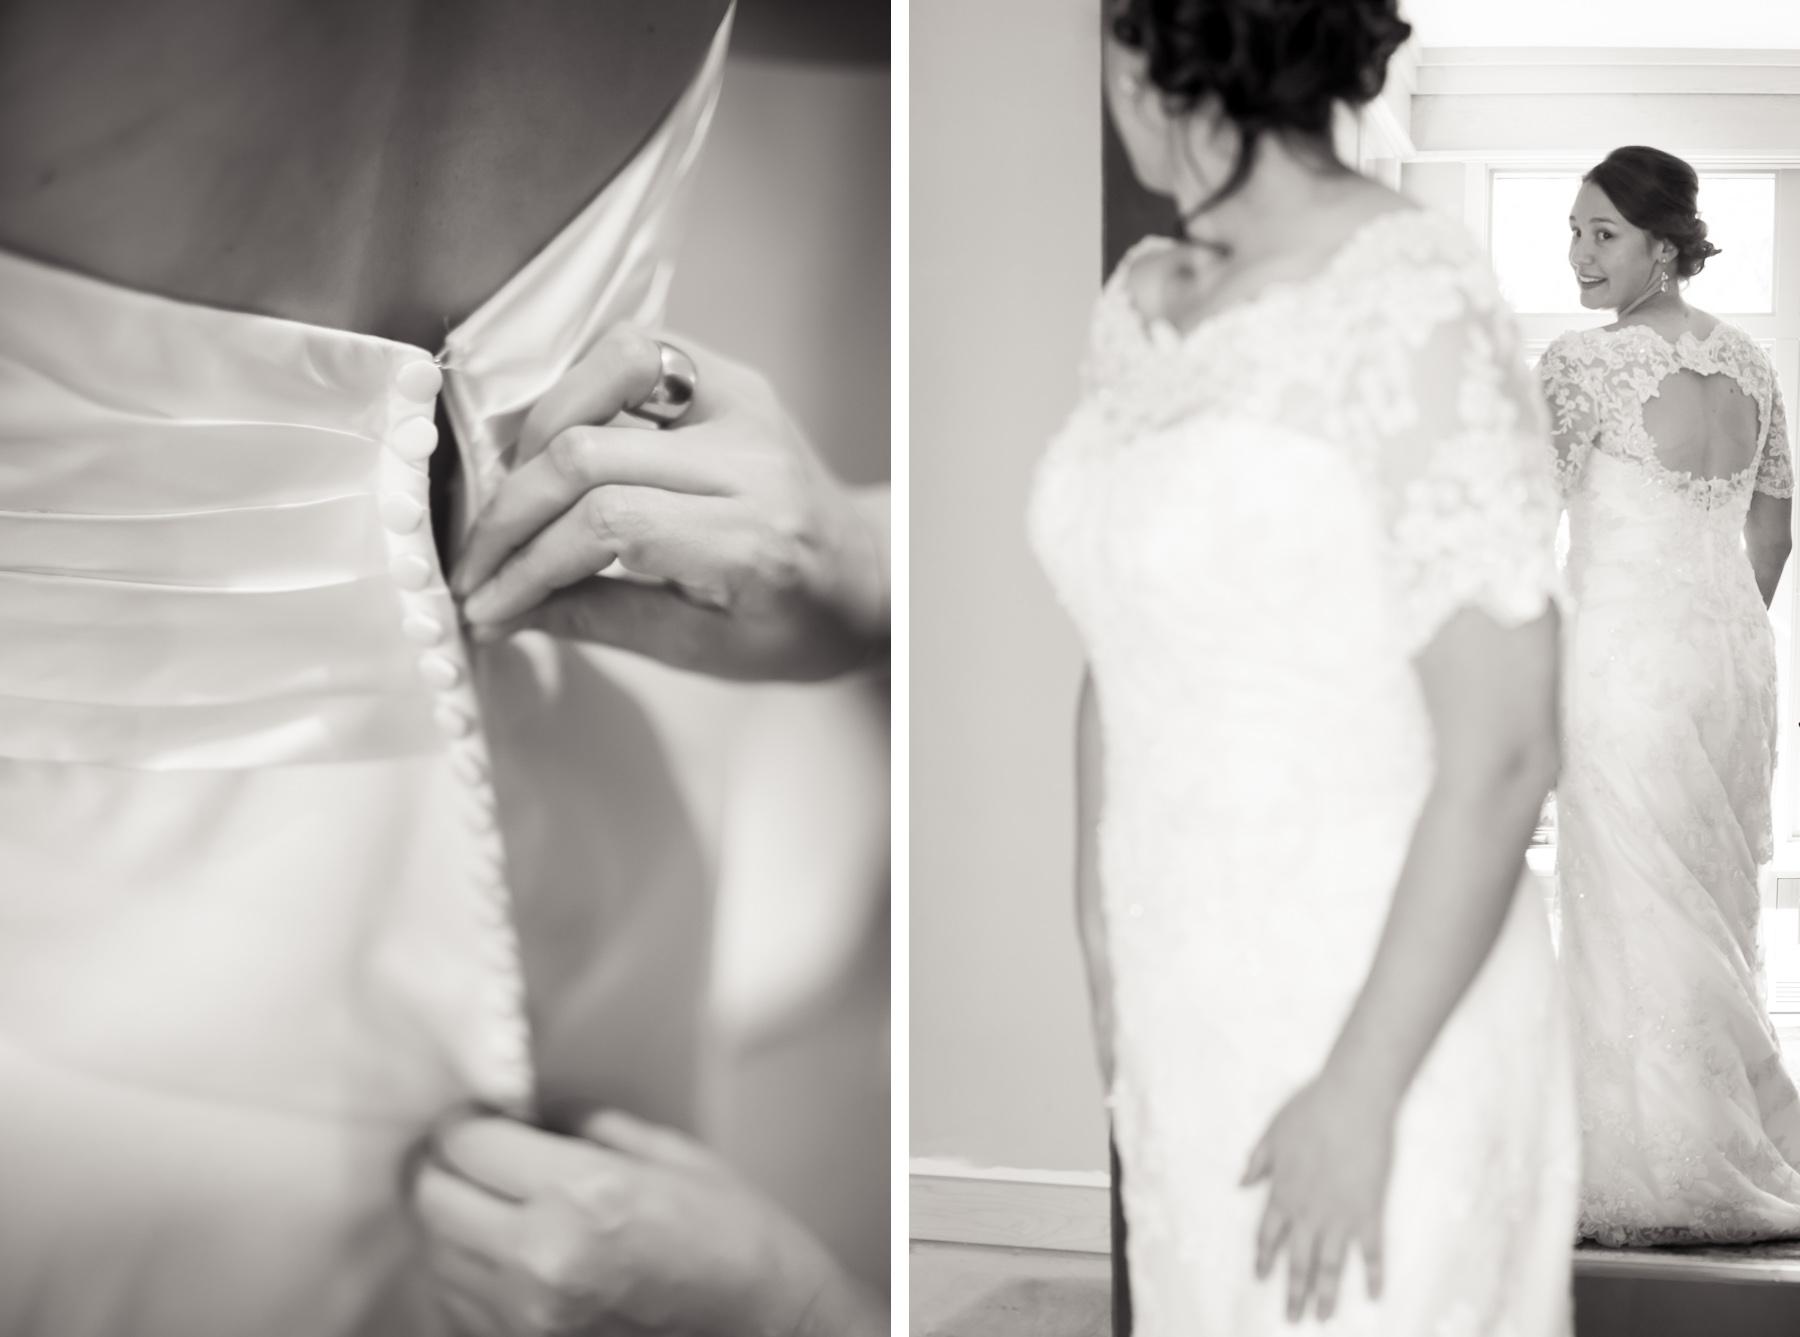 gettingready-wedding-photos.jpg